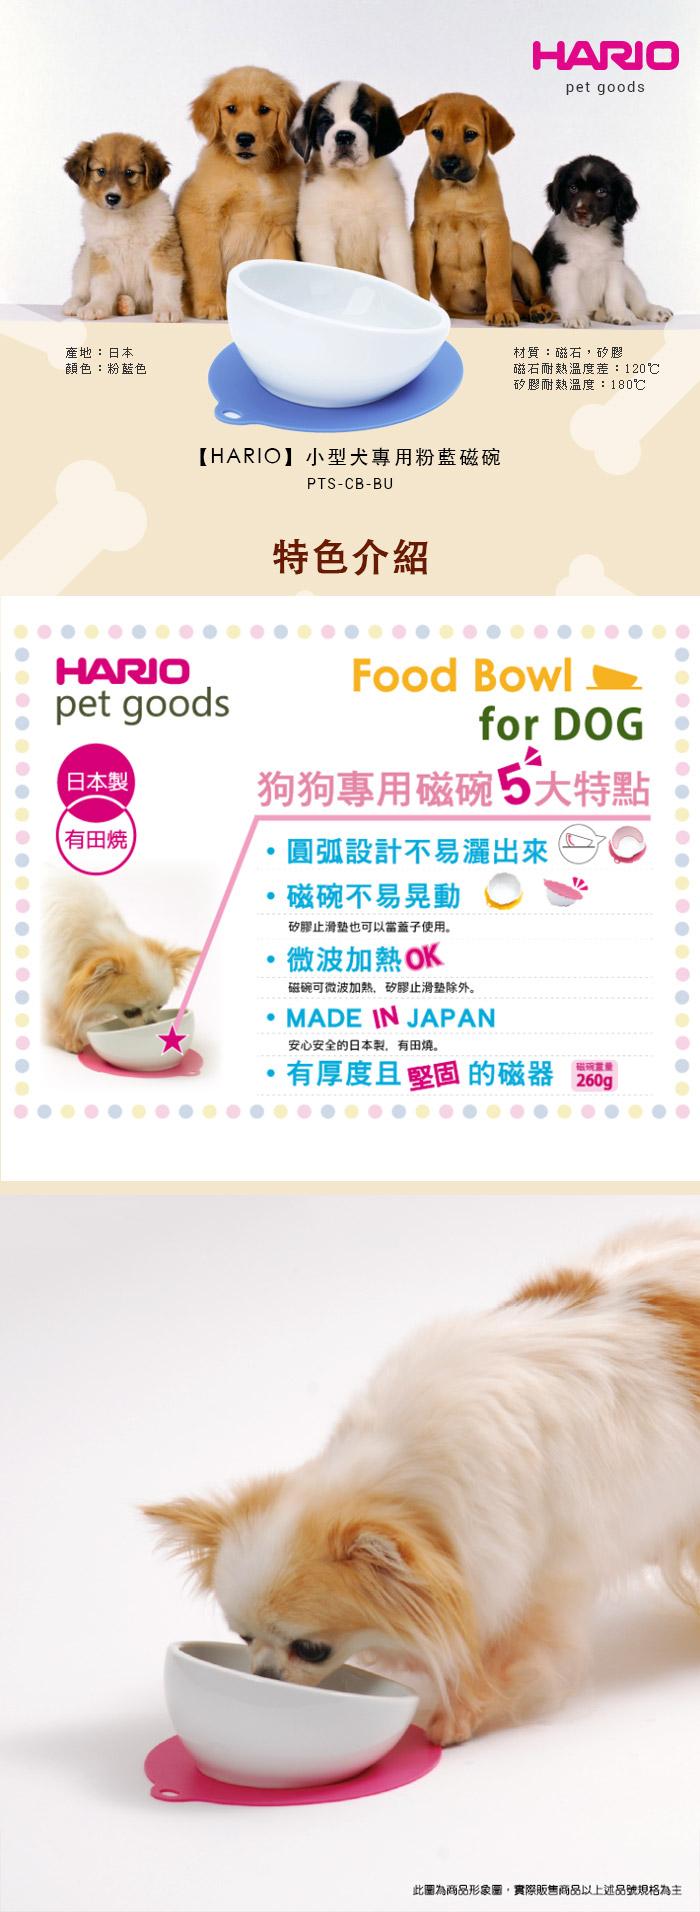 (複製)HARIO  小型犬專用芒果黃磁碗  PTS-CB-MY